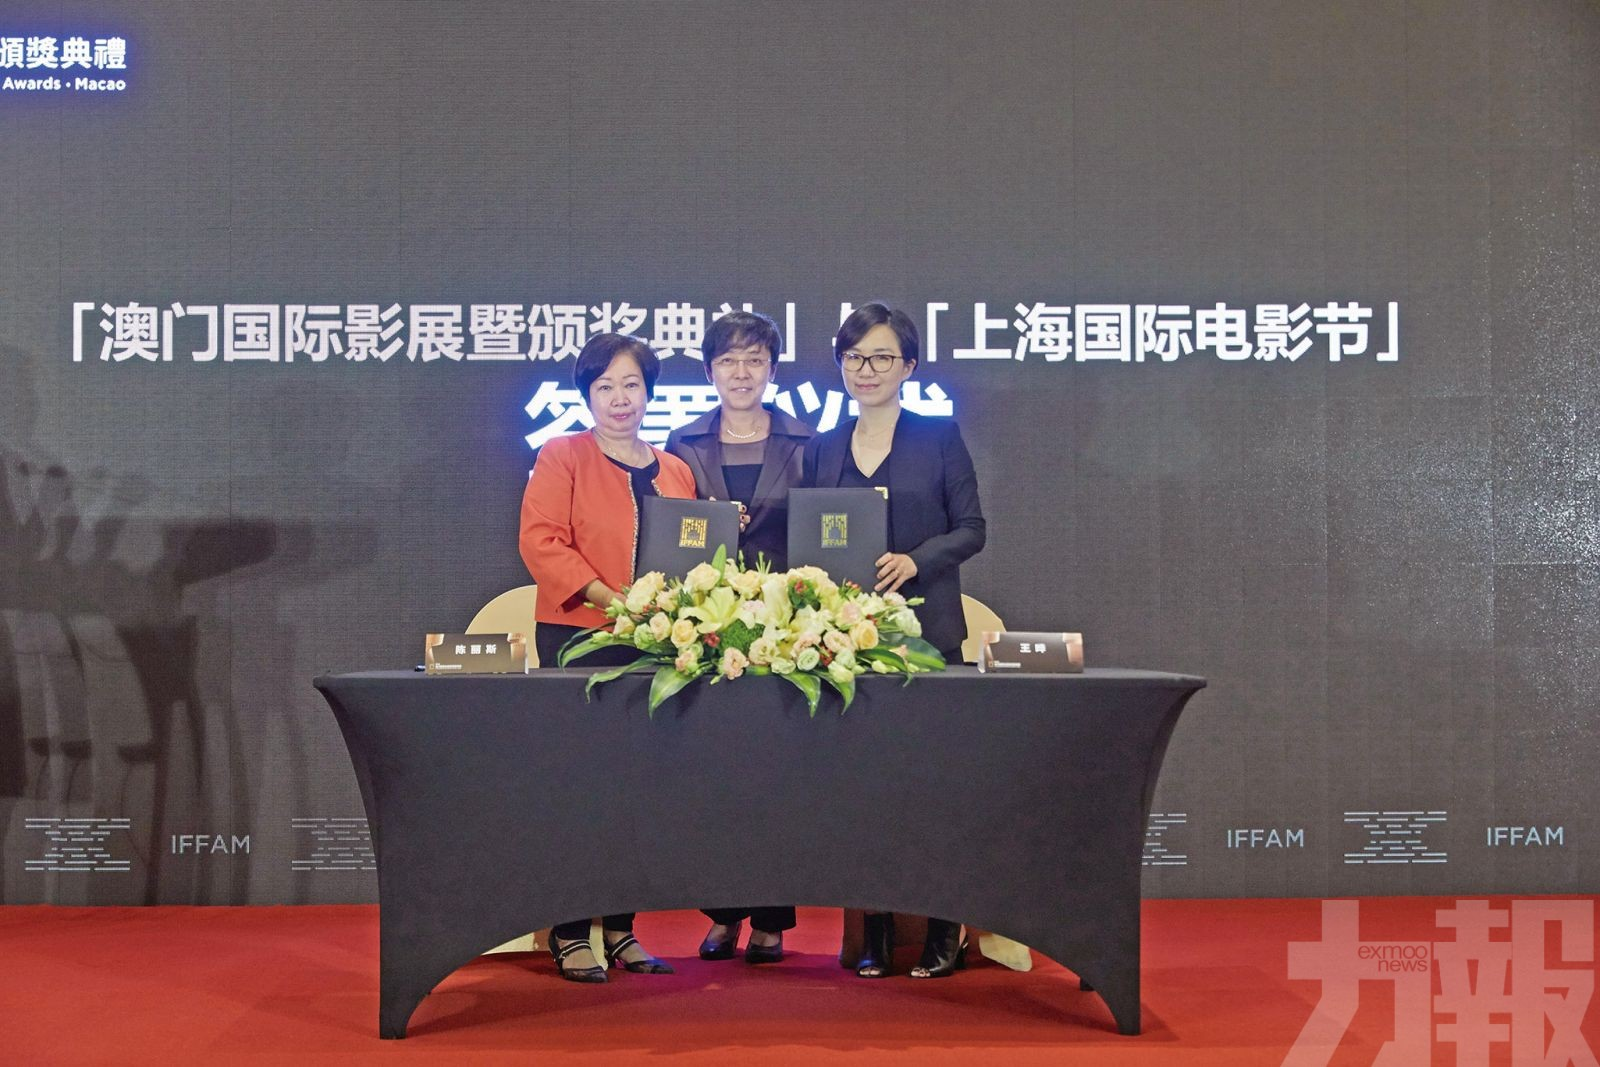 評委會主席陳可辛 明星大使劉嘉玲